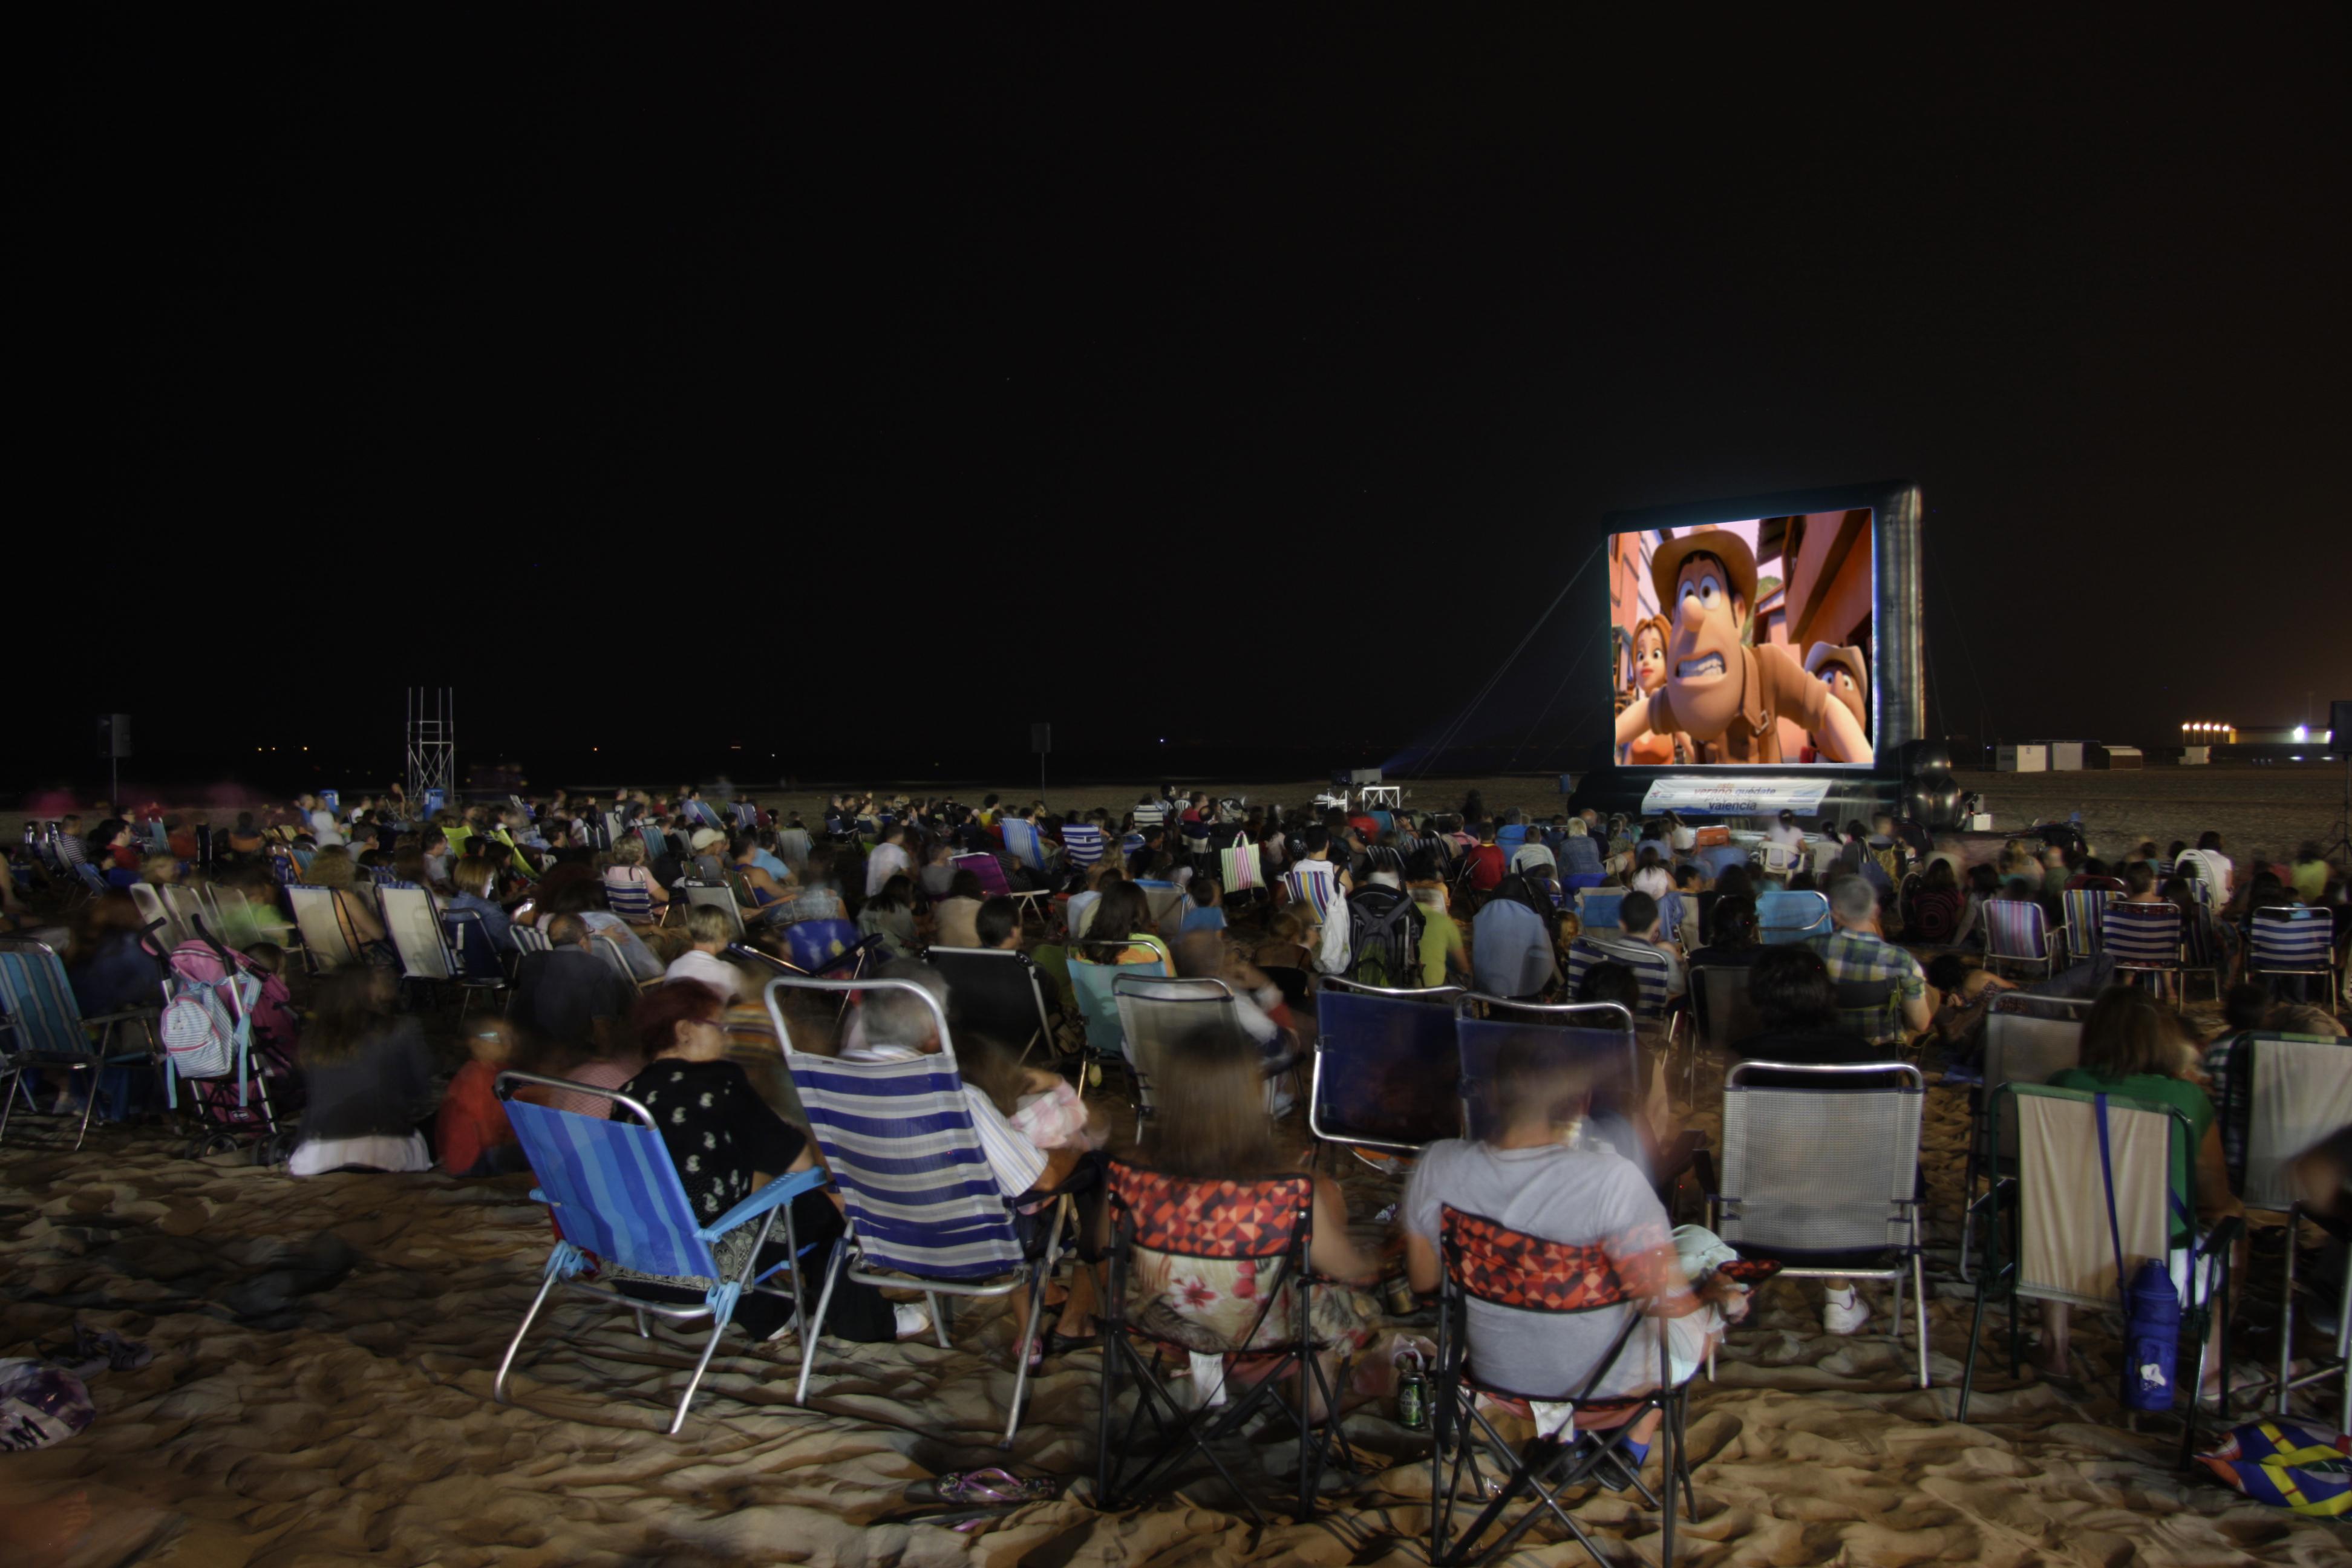 Cartelera cine de verano en la playa de valencia - Cartelera cine de verano aguadulce ...